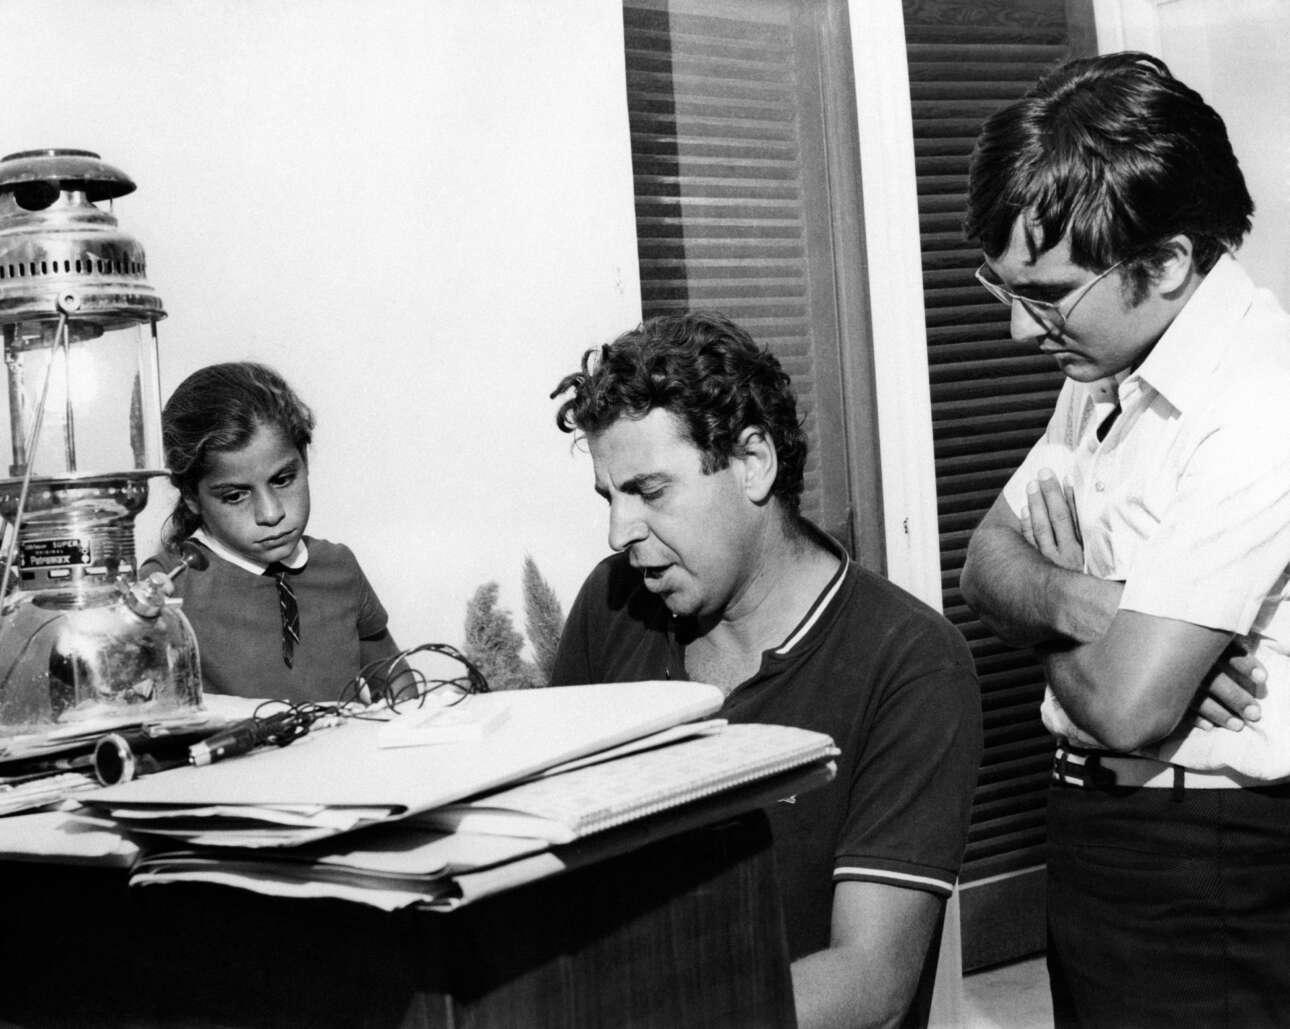 Δεκαετία του '60. Ο Μίκης στο πιάνο, με τη Μαργαρίτα και τον φημισμένο ιταλό τραγουδιστή Αλ Μπάνο να παρακολουθούν